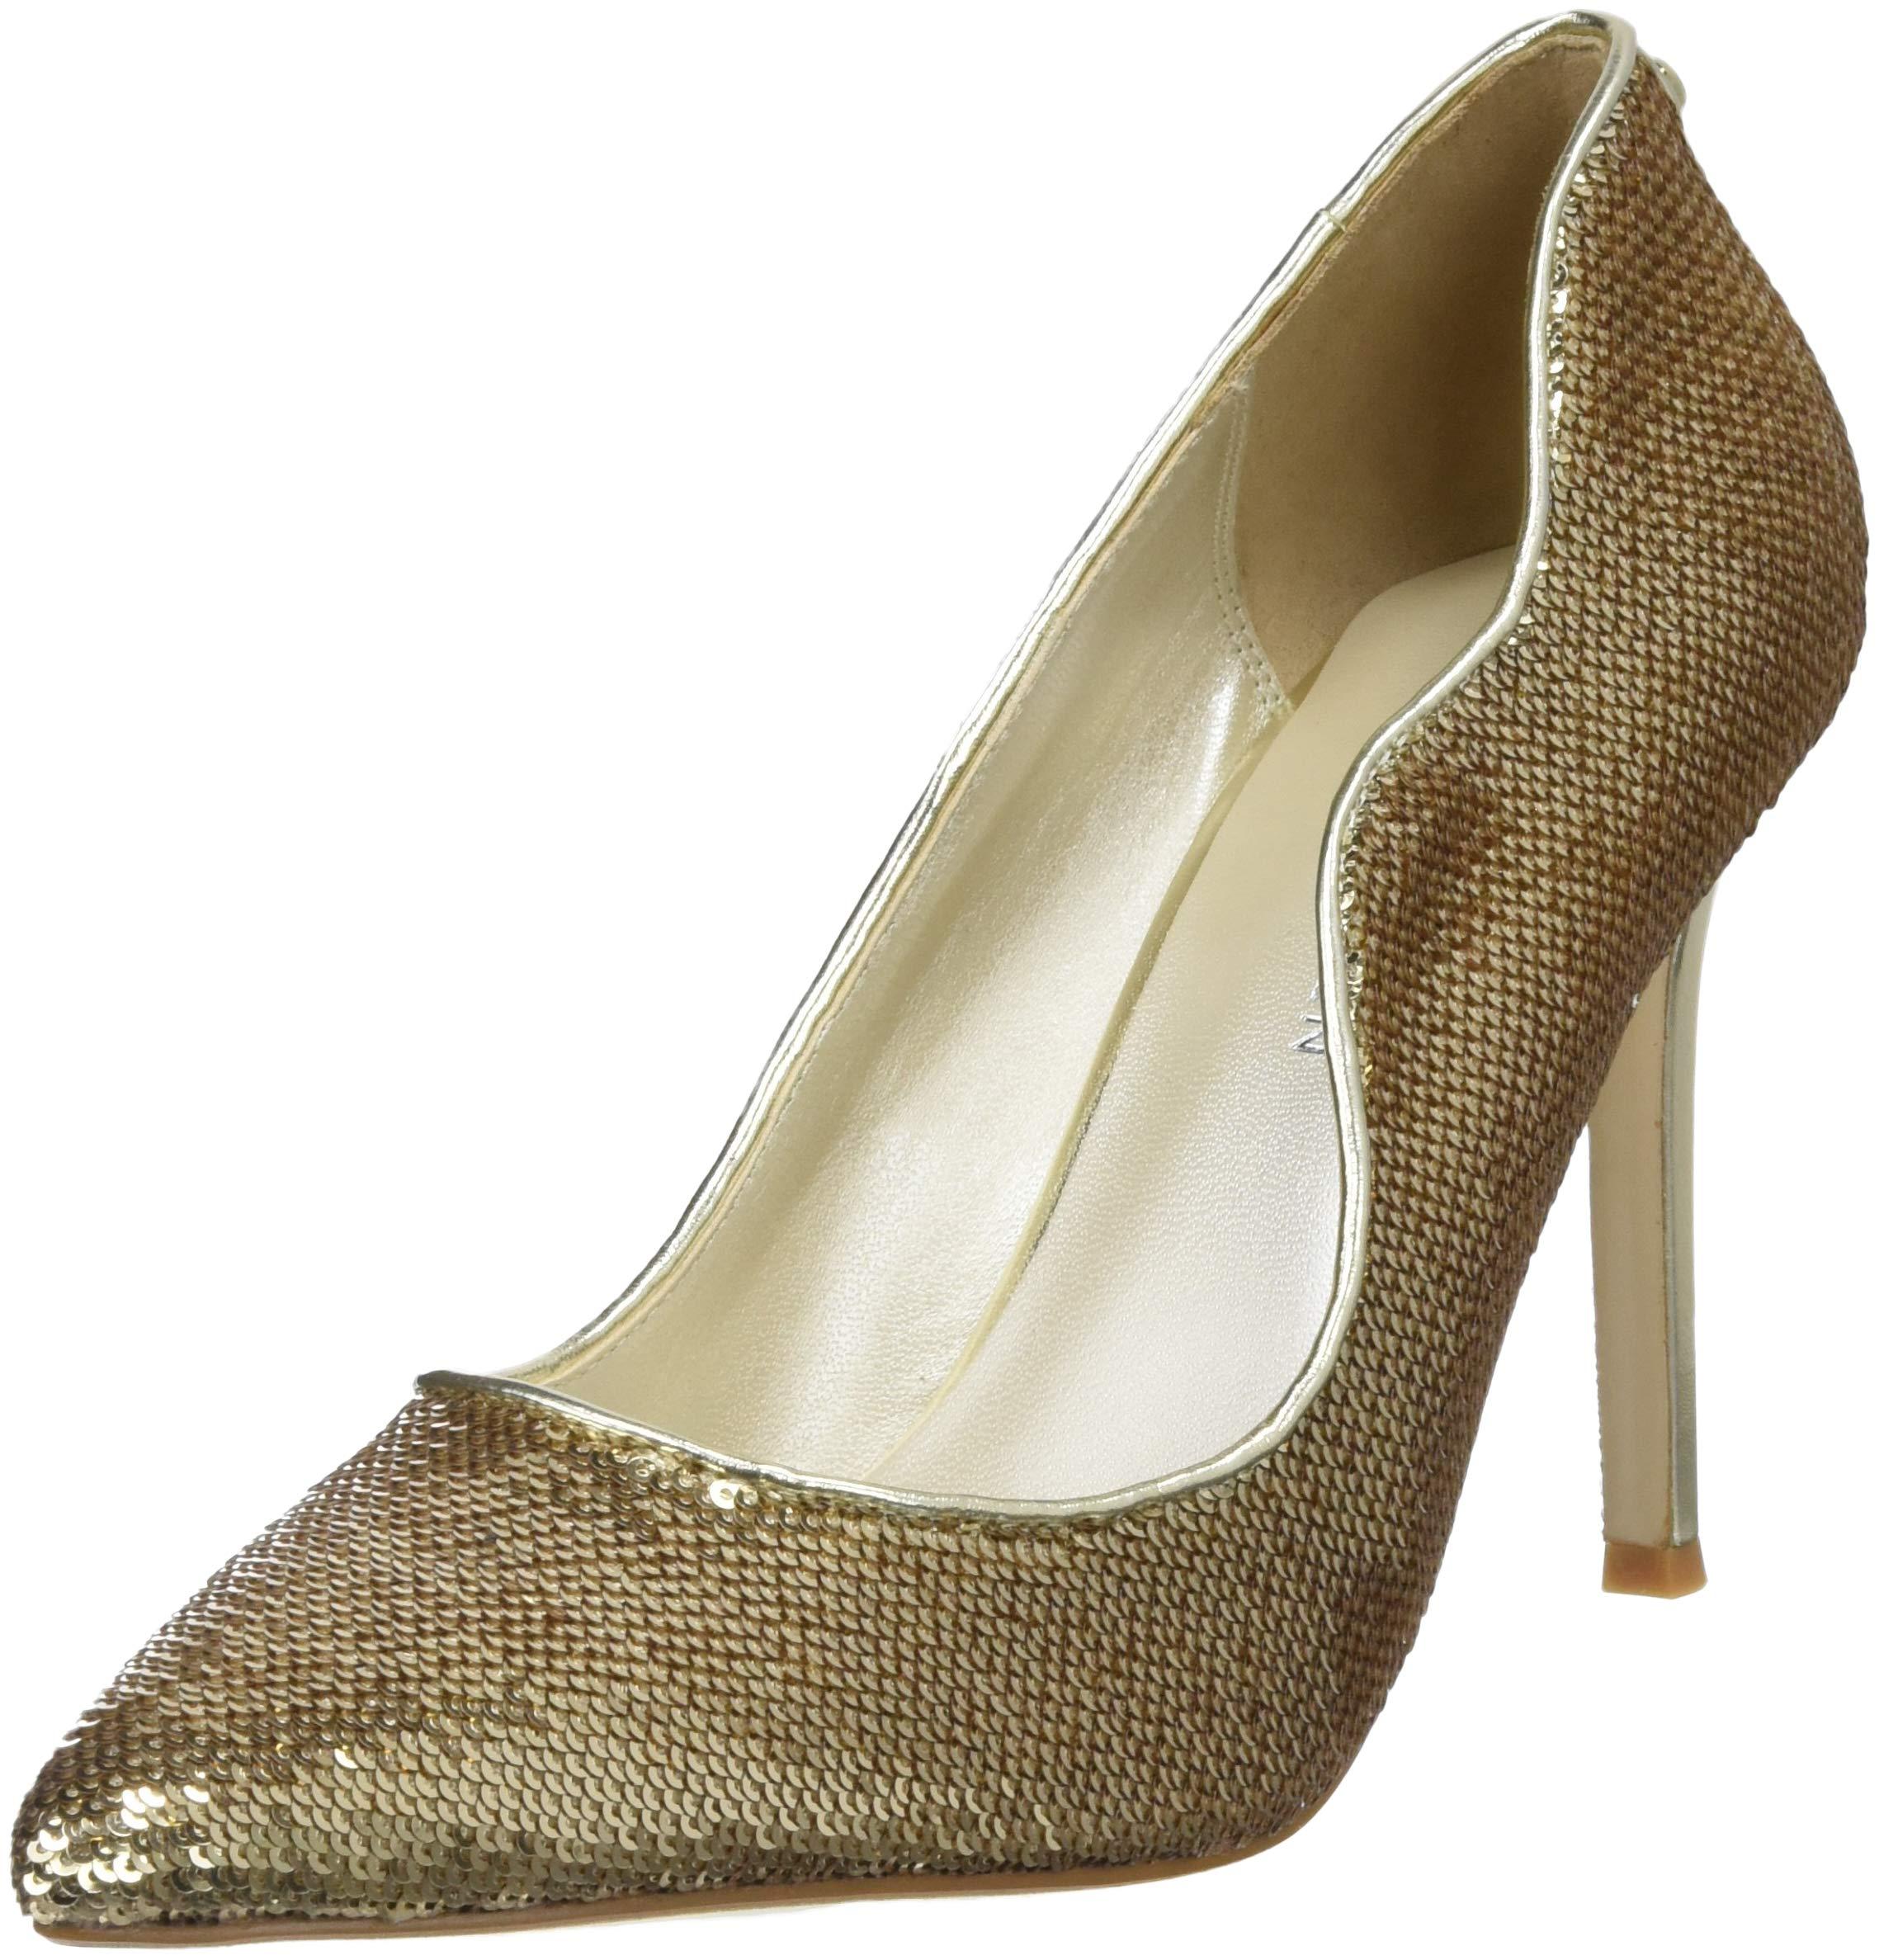 Fashions Karen Allover HeelsEscarpins Millen FemmeOrgold Sequin Court Limited Bout 8438 Fermé Eu vwOyPNn0m8